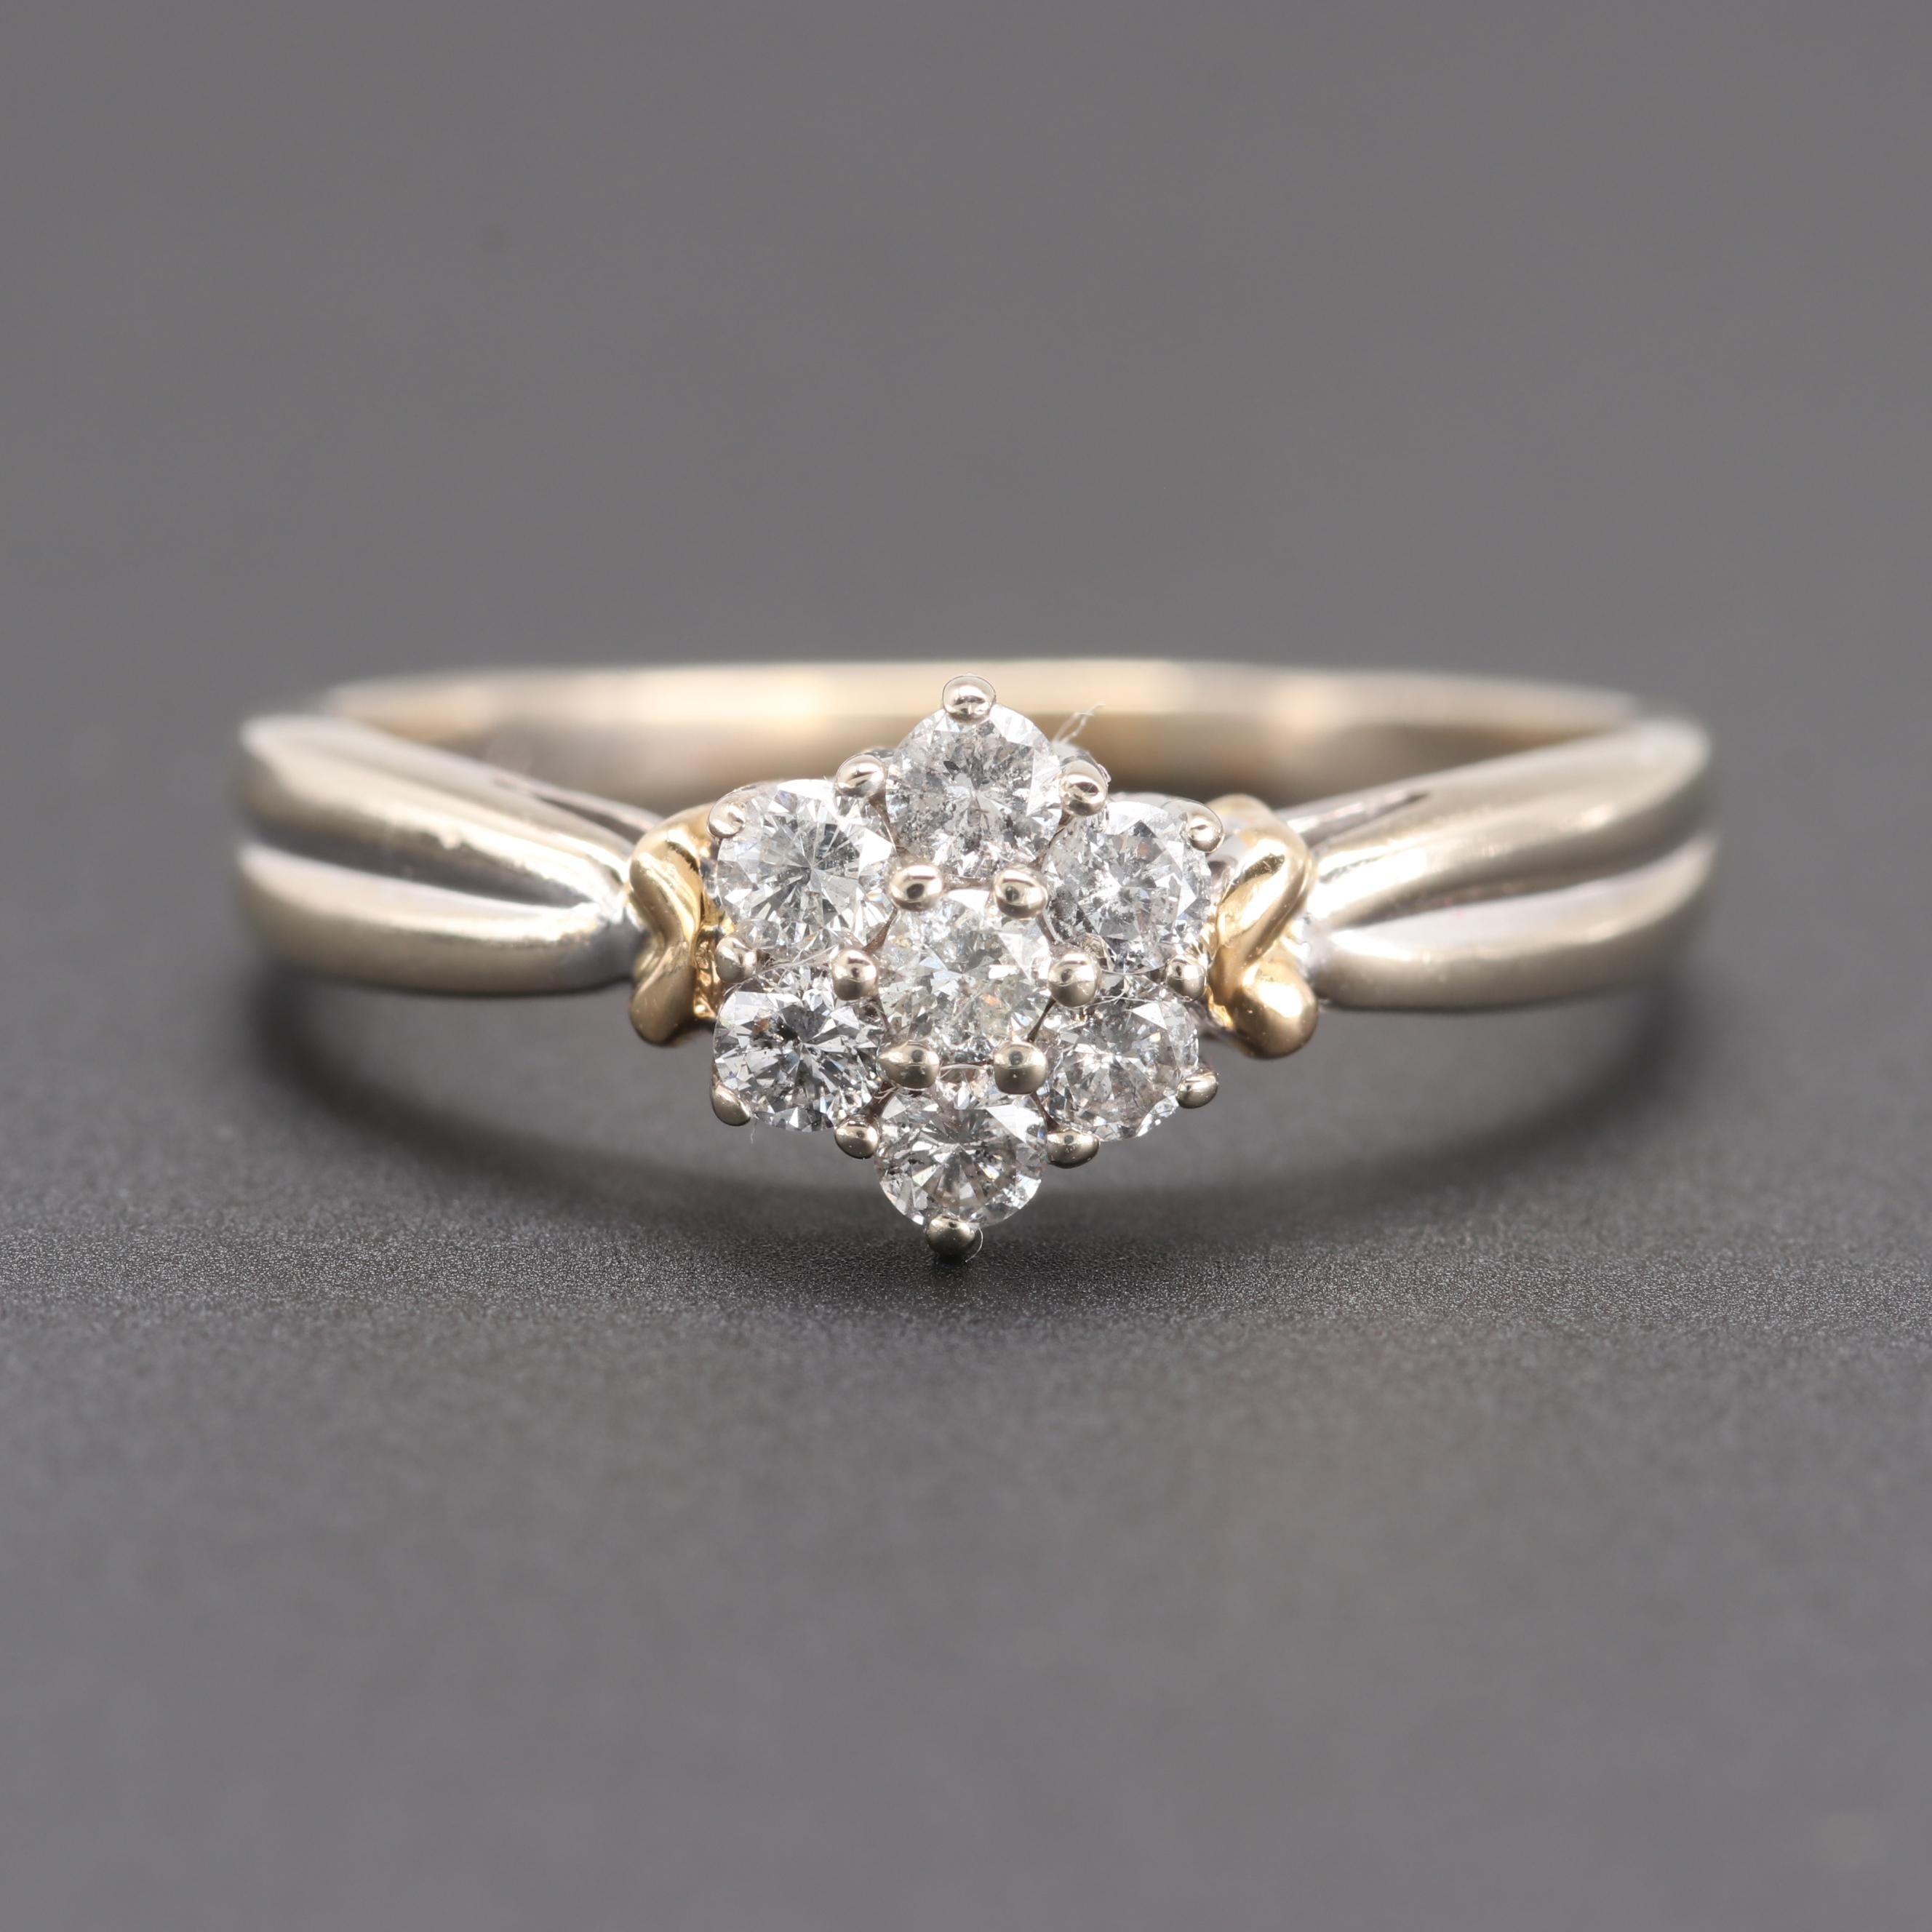 Helzberg Diamonds 14K White Gold Diamond Ring